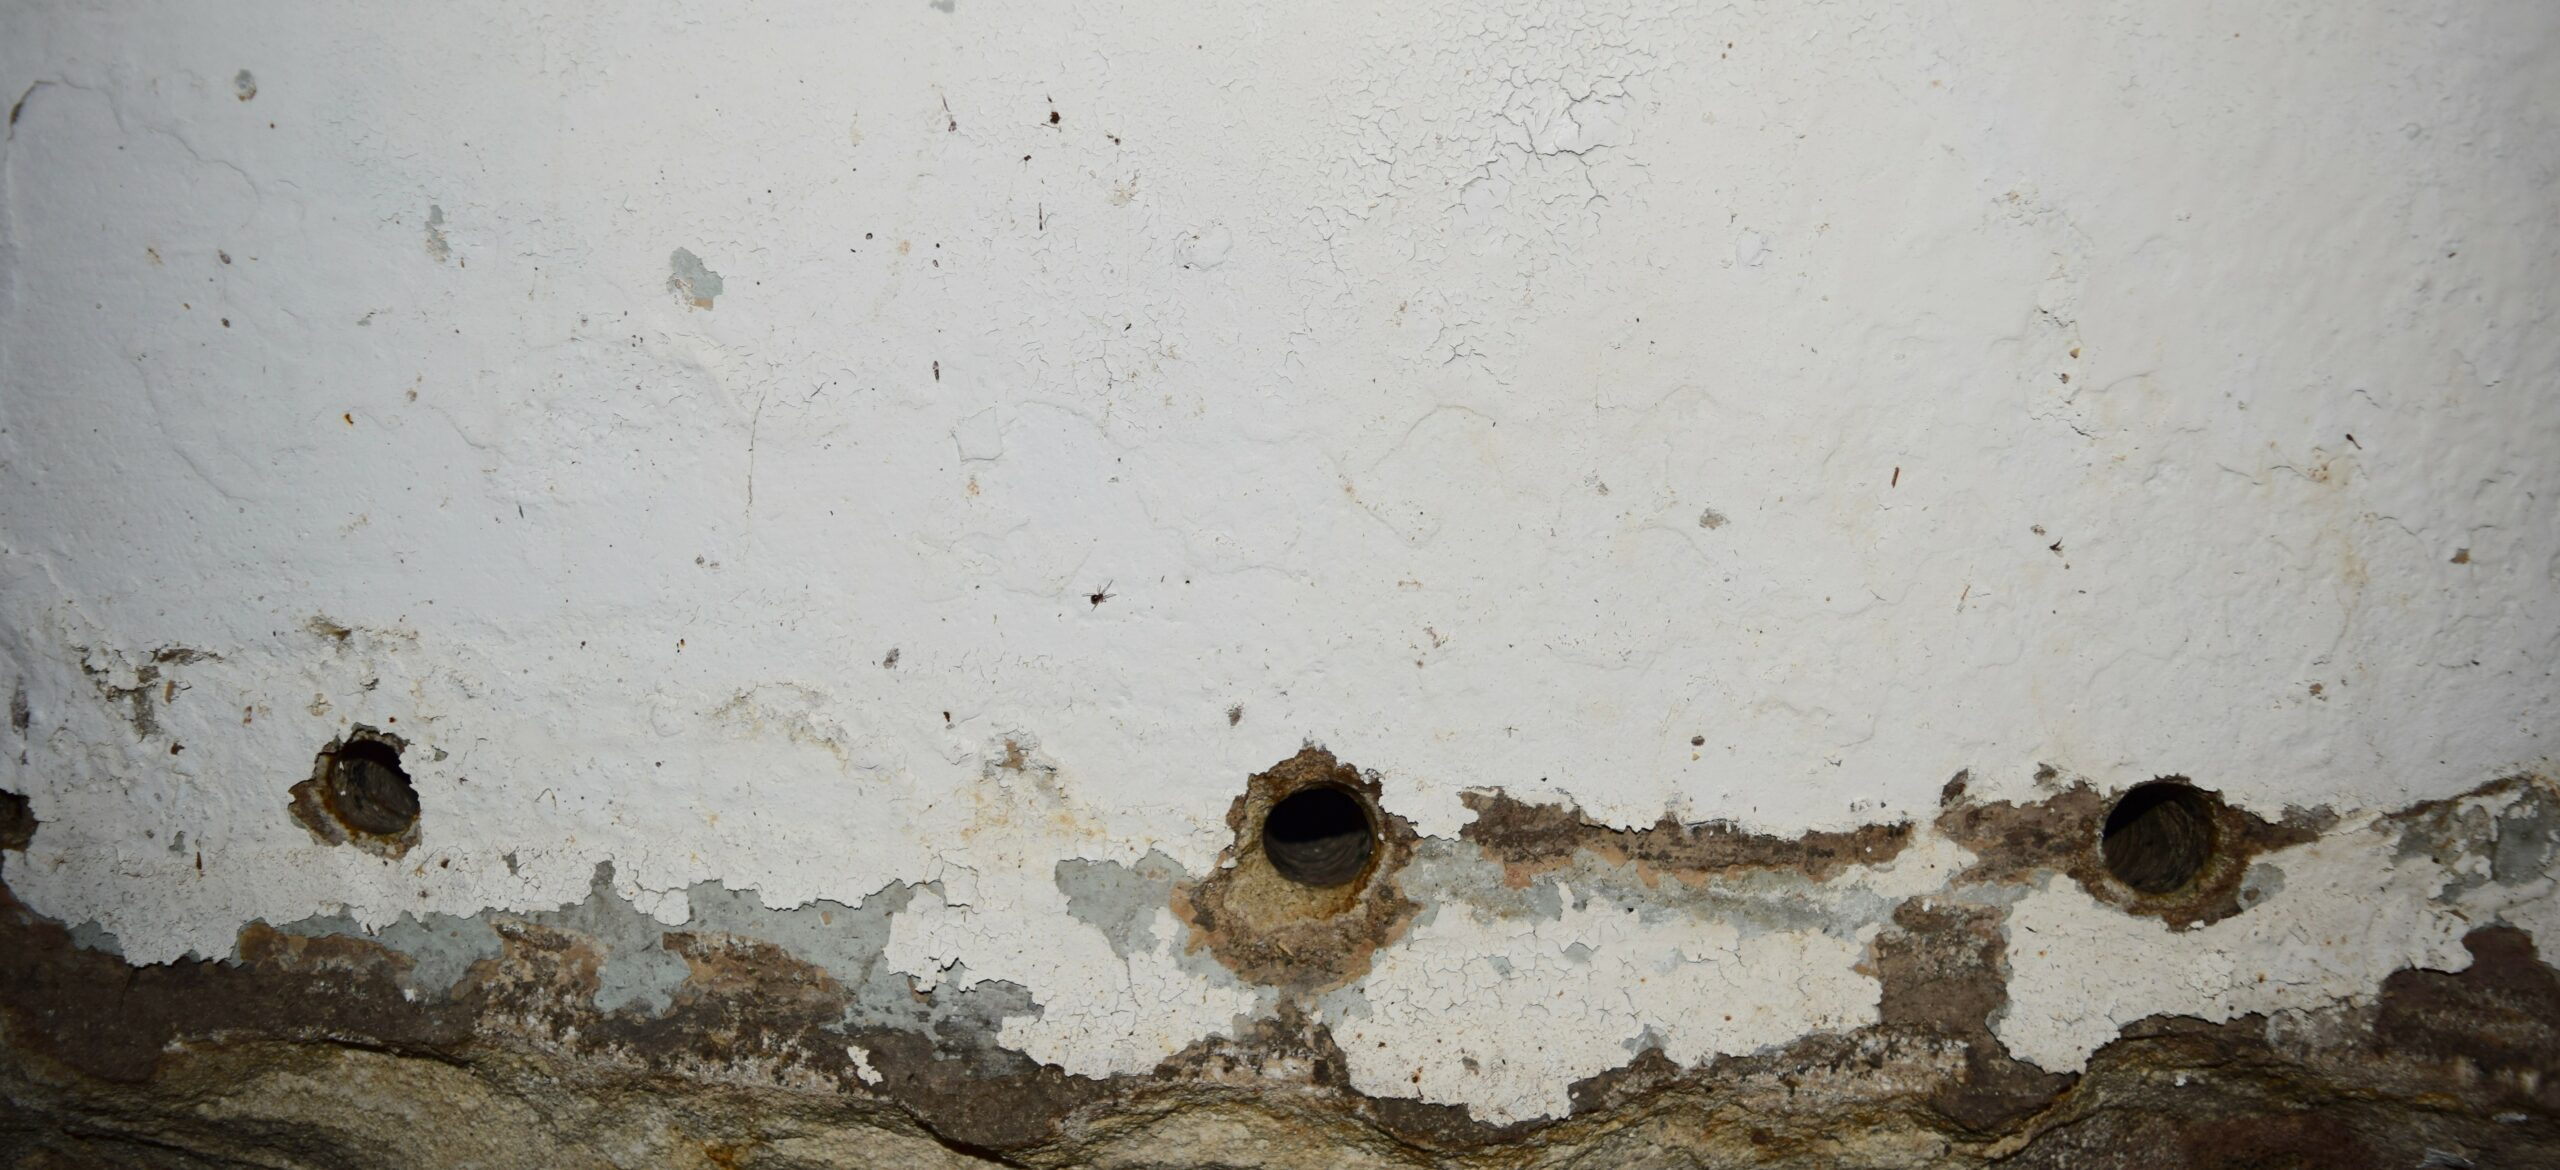 Weep holes basement waterproofing nj